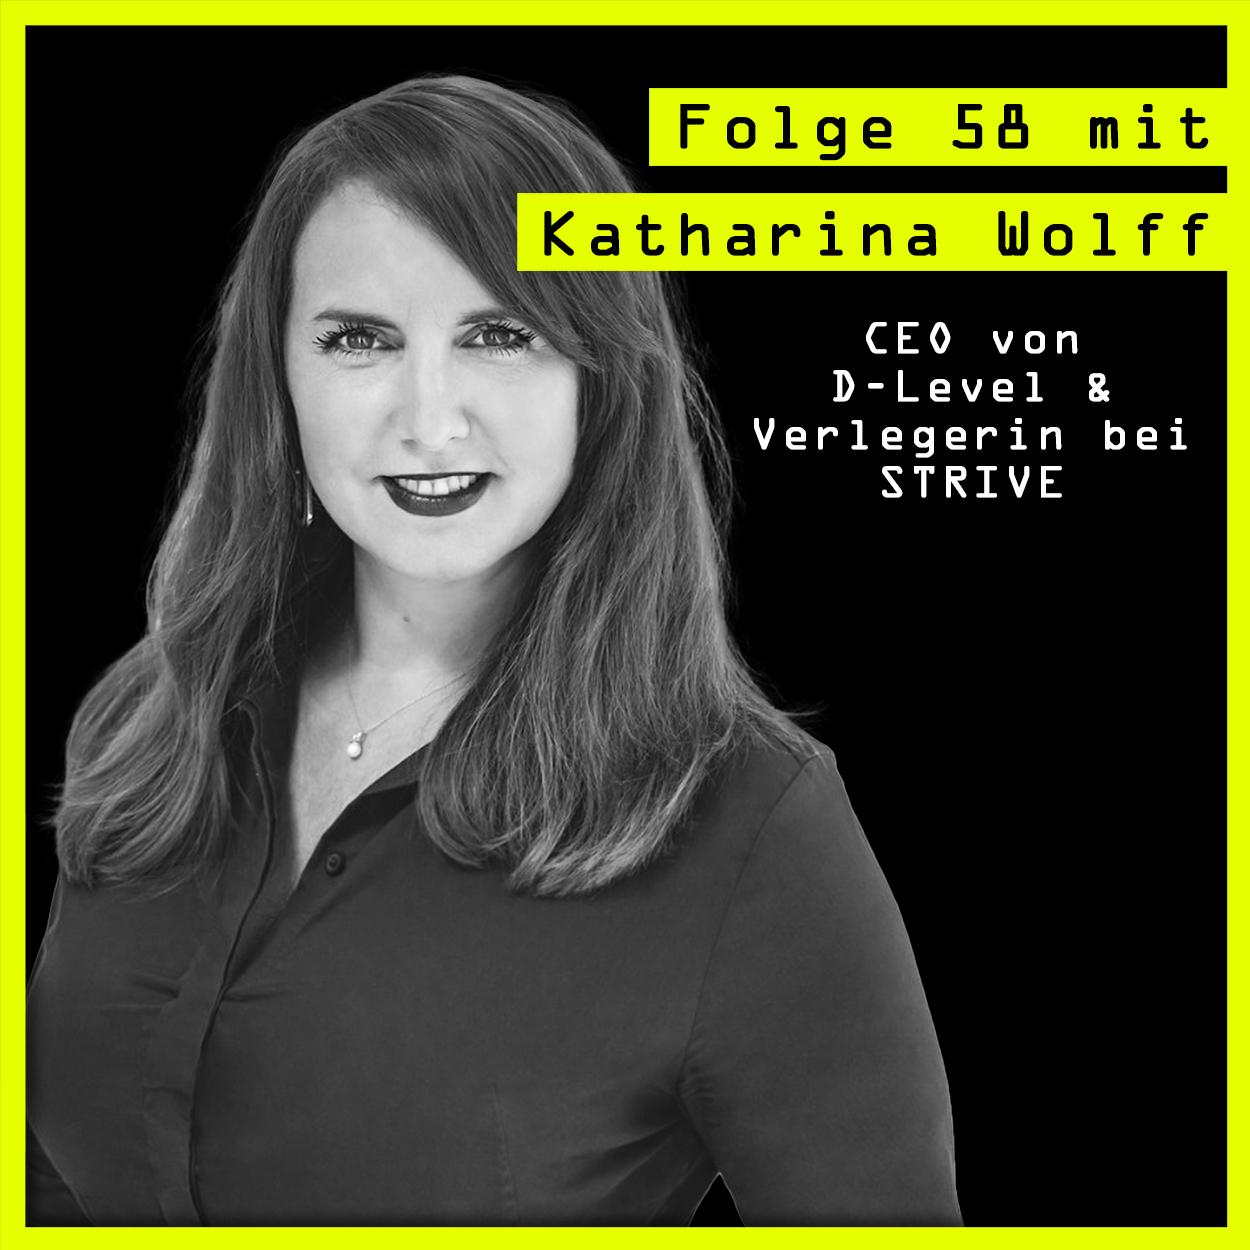 #58 mit Katharina Wolff (CEO von D-Level & Verlegerin bei STRIVE) über das Gewinner-Gen, Hulk und Vertrauensvorschüsse